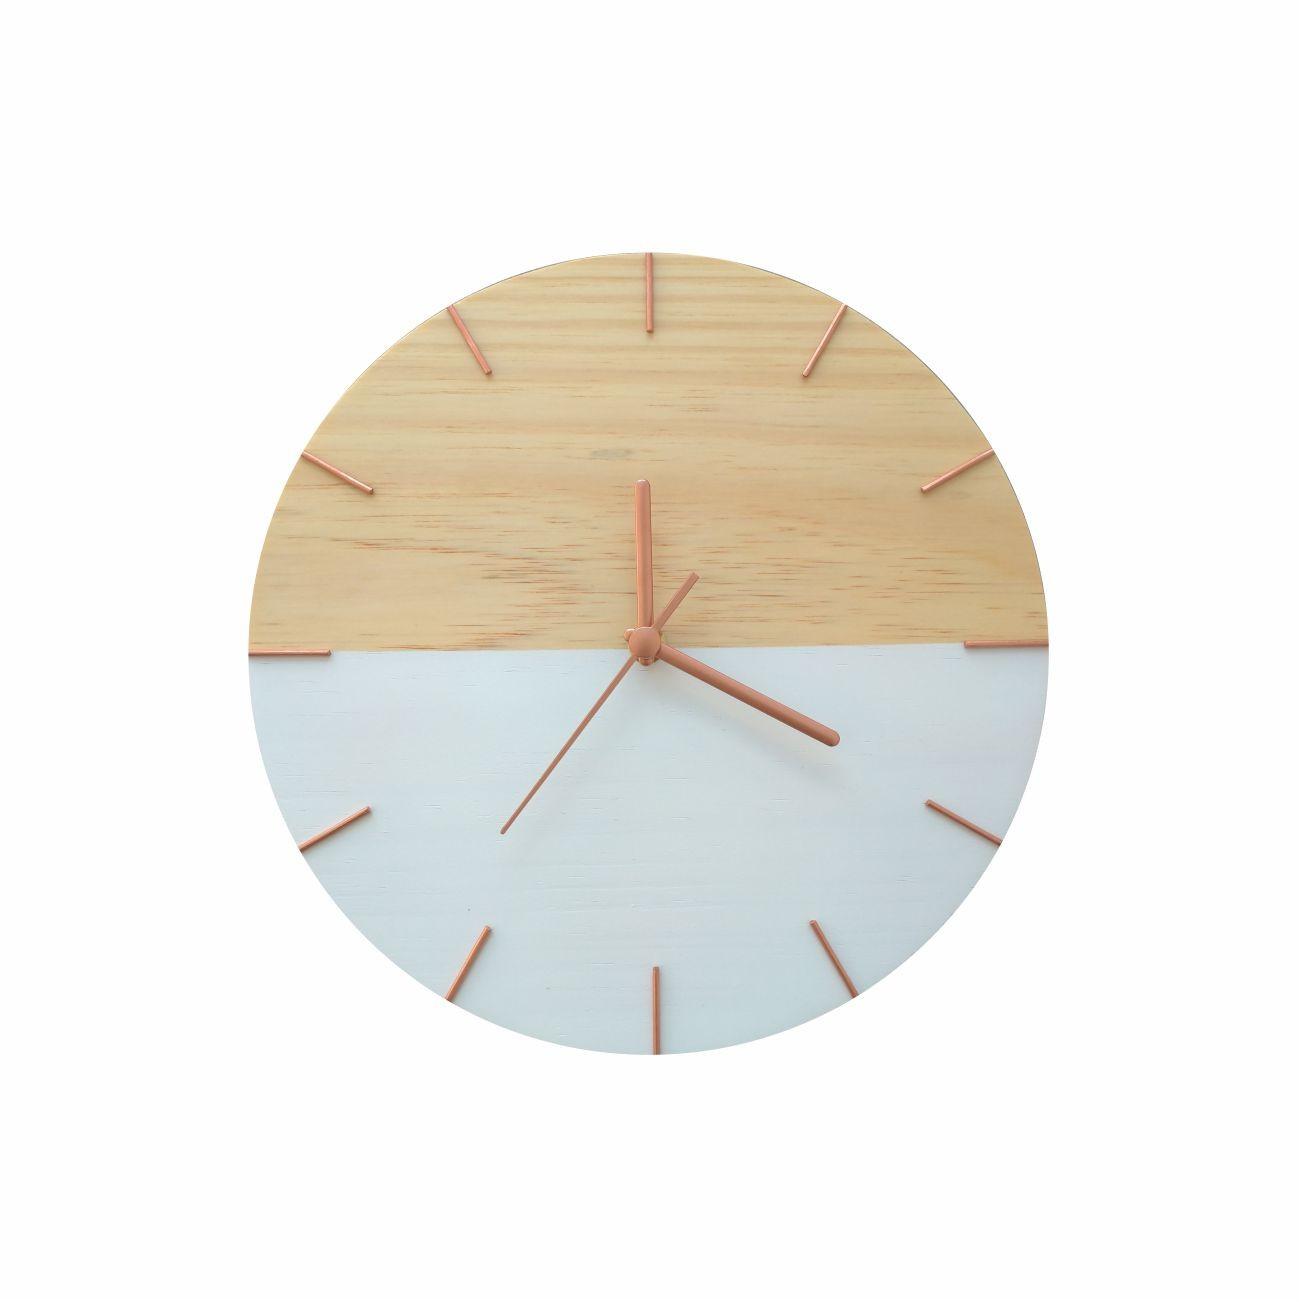 Relógio de Parede Minimalista em Madeira Branco e Rosê Gold 28cm